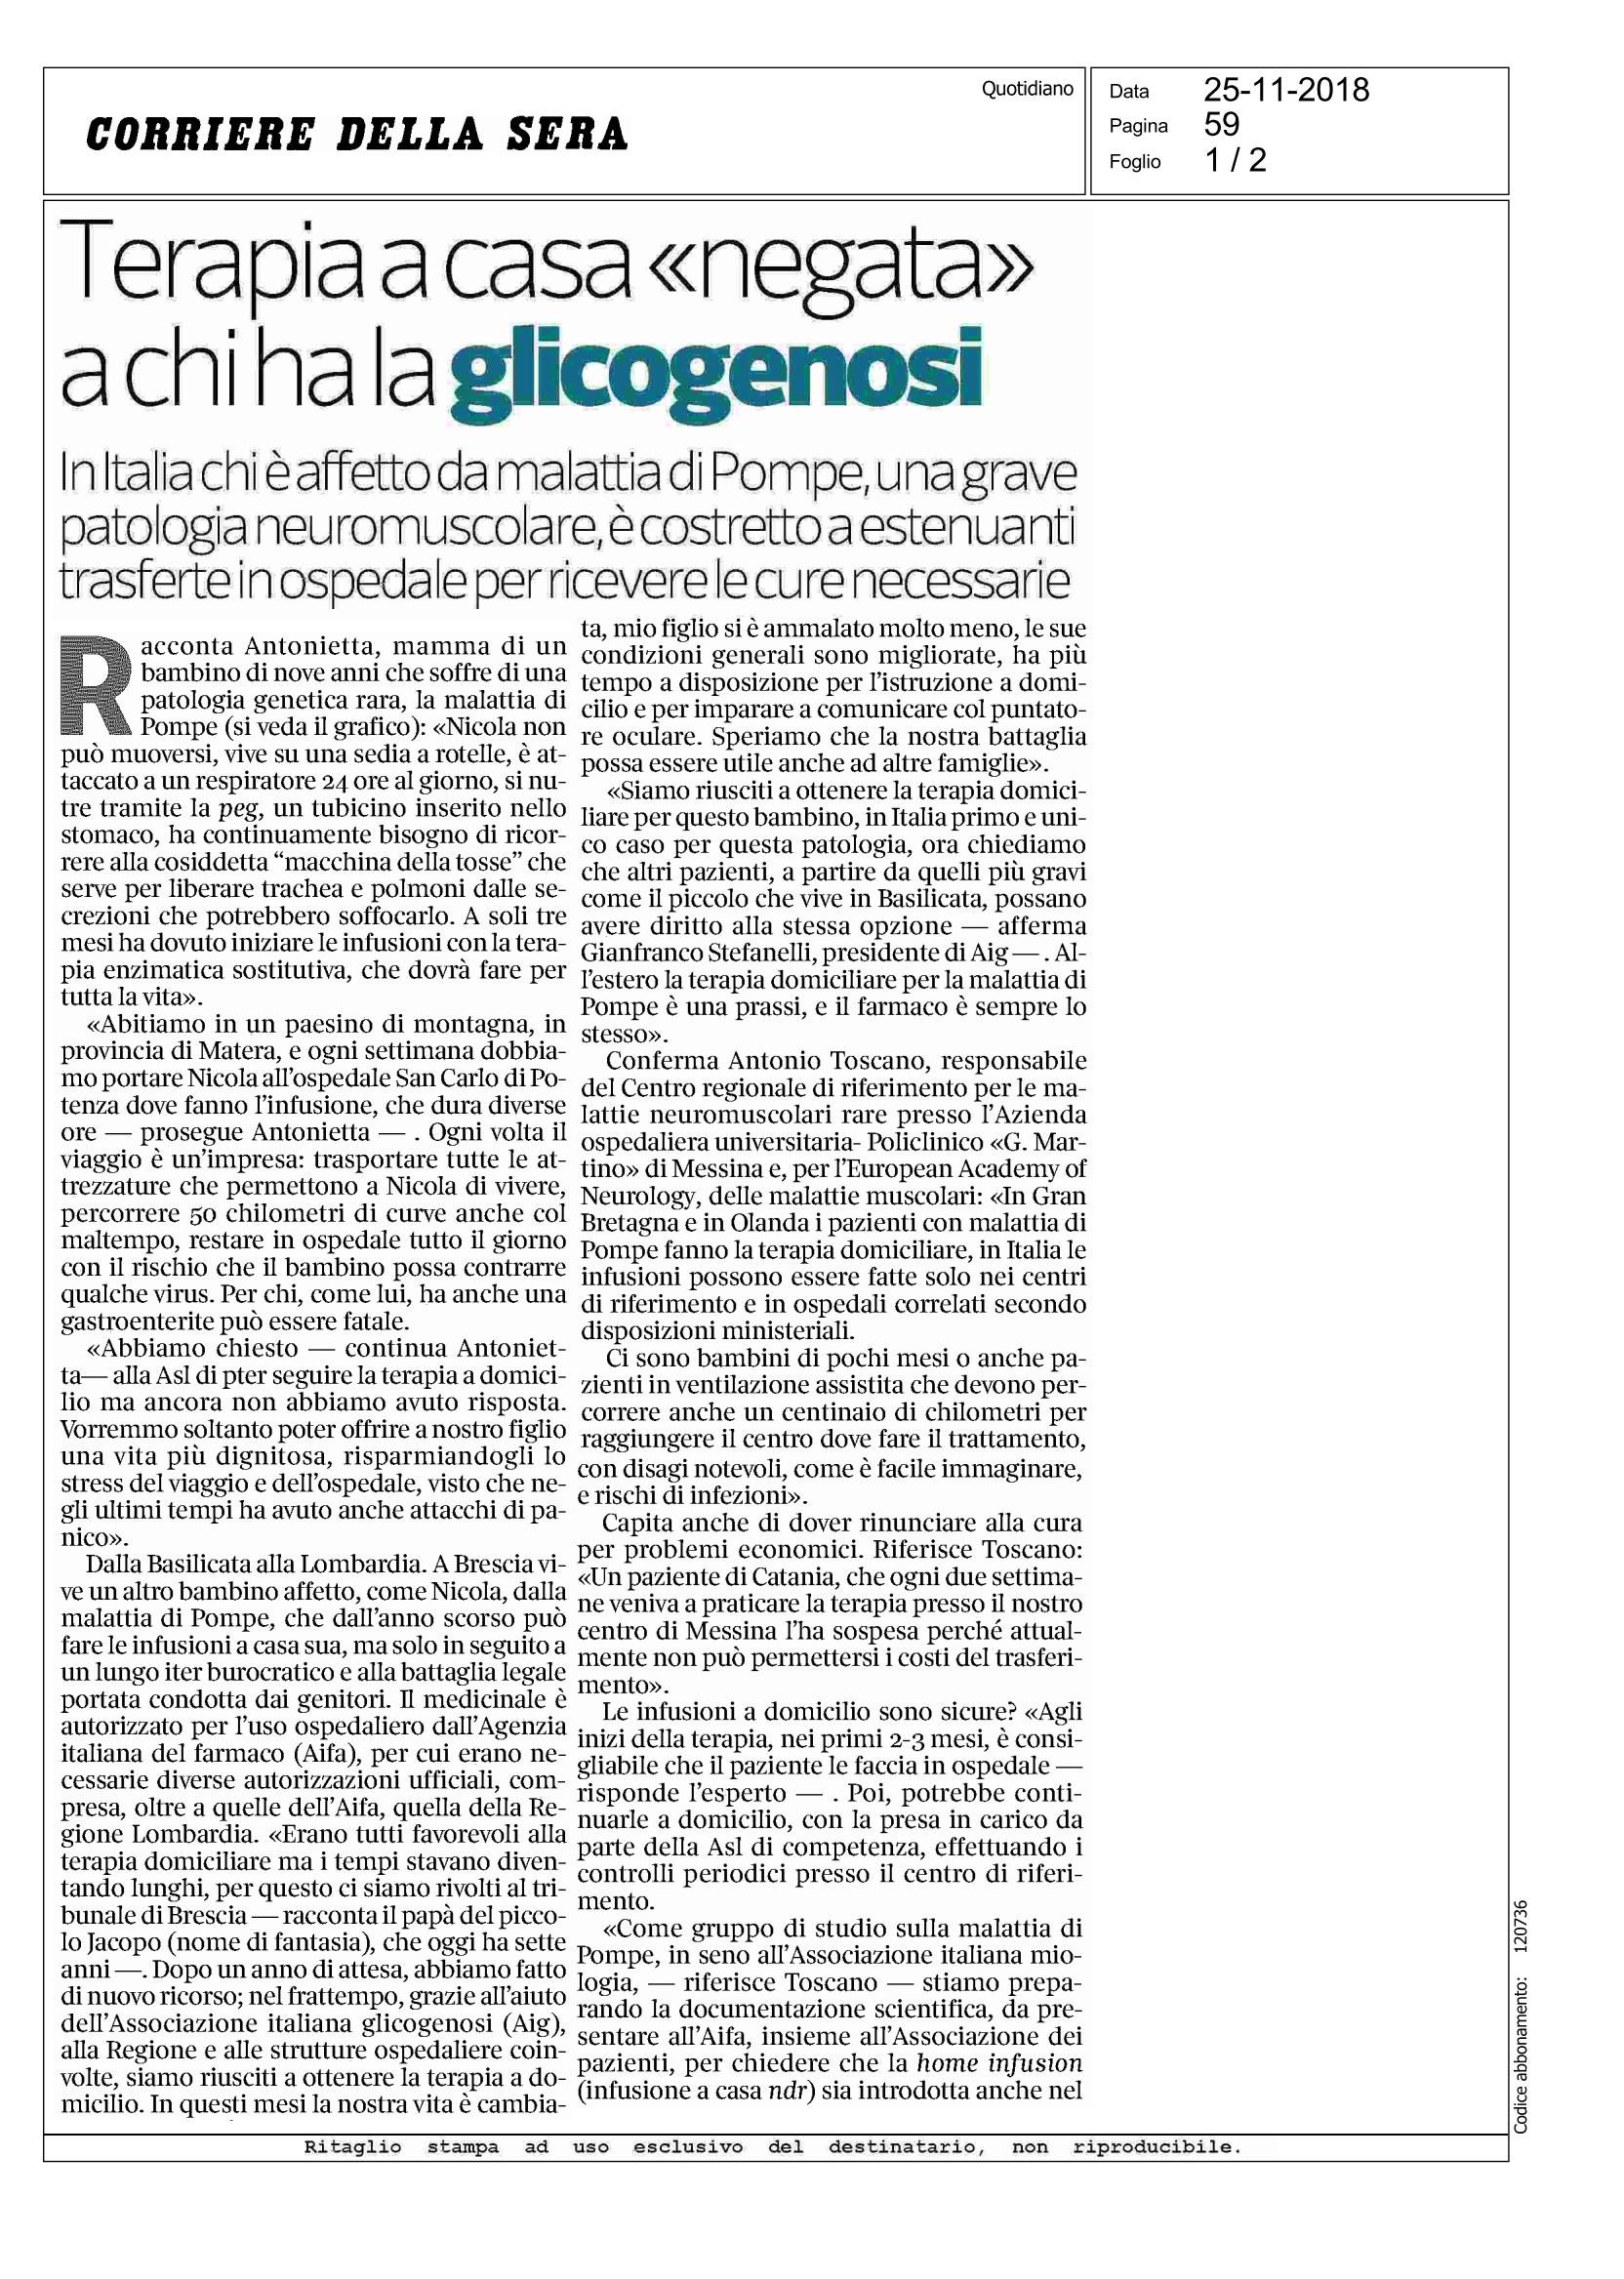 Stampa_20181125_Corriere_della_Sera_Page_1